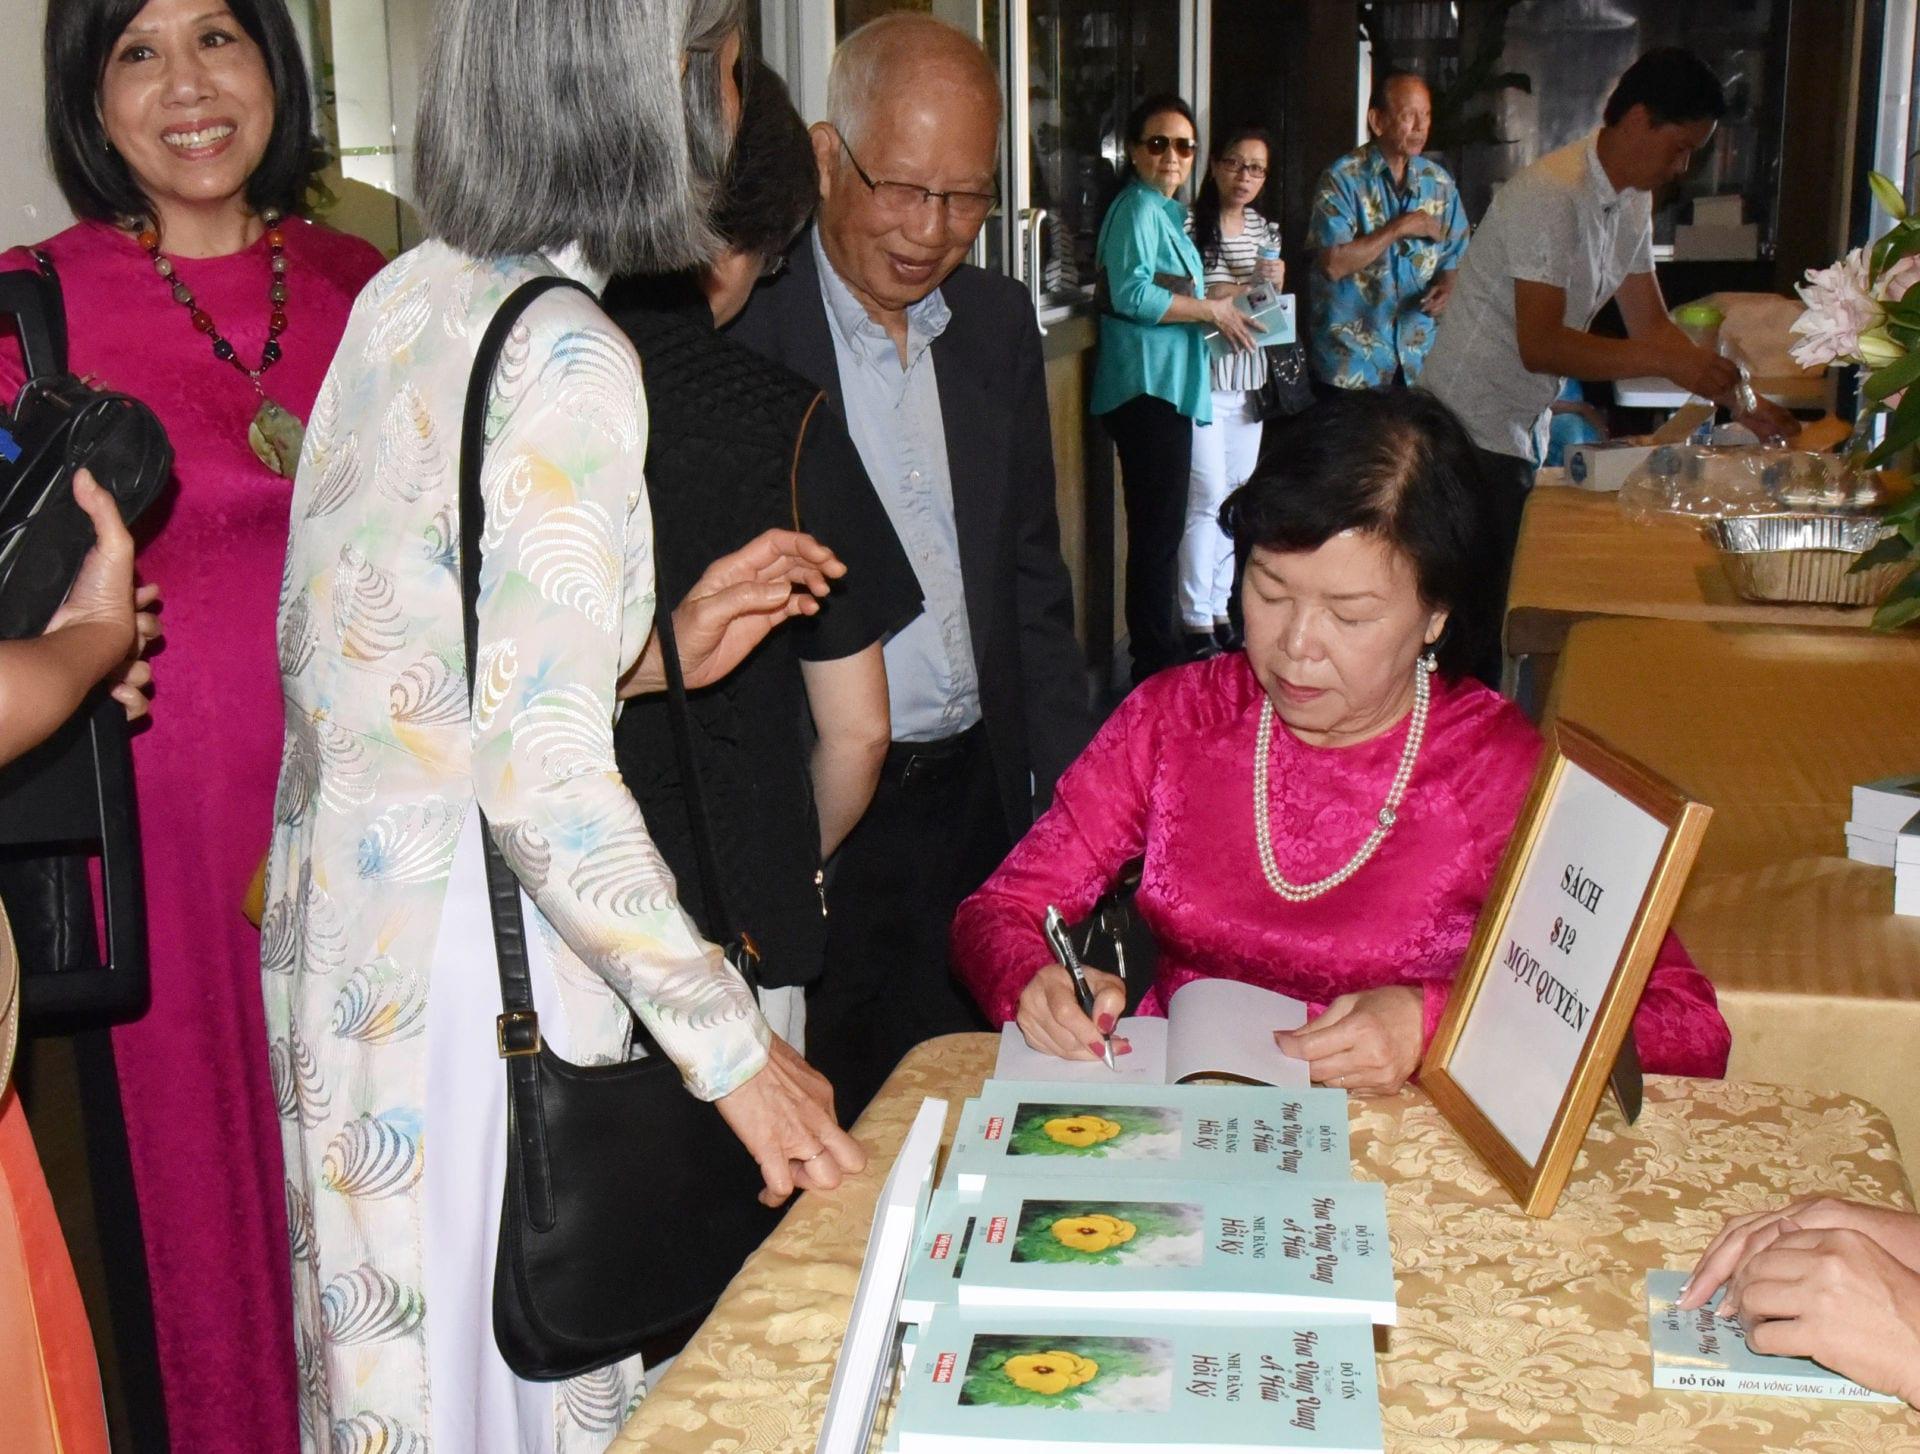 Văn Lan - 'Hoa Vông Vang' của nhà văn Đỗ Tốn tái bản, ra mắt độc giả Little  Saigon - Tin Thơ và Thơ - Bạn Văn Nghệ